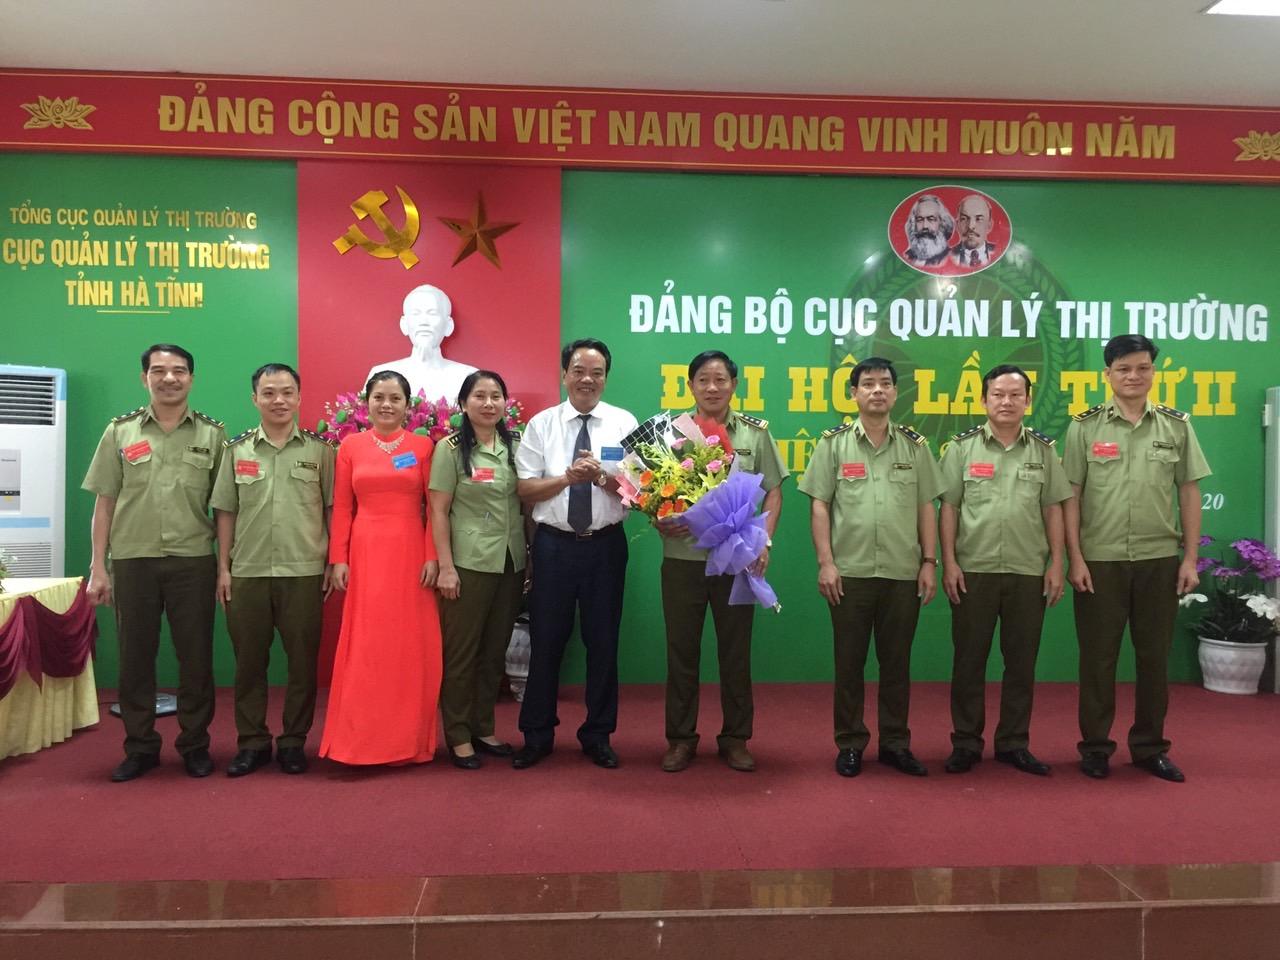 Hà Tĩnh long trọng tổ chức Đại hội Đảng bộ Cục nhiệm kỳ 2020-2025